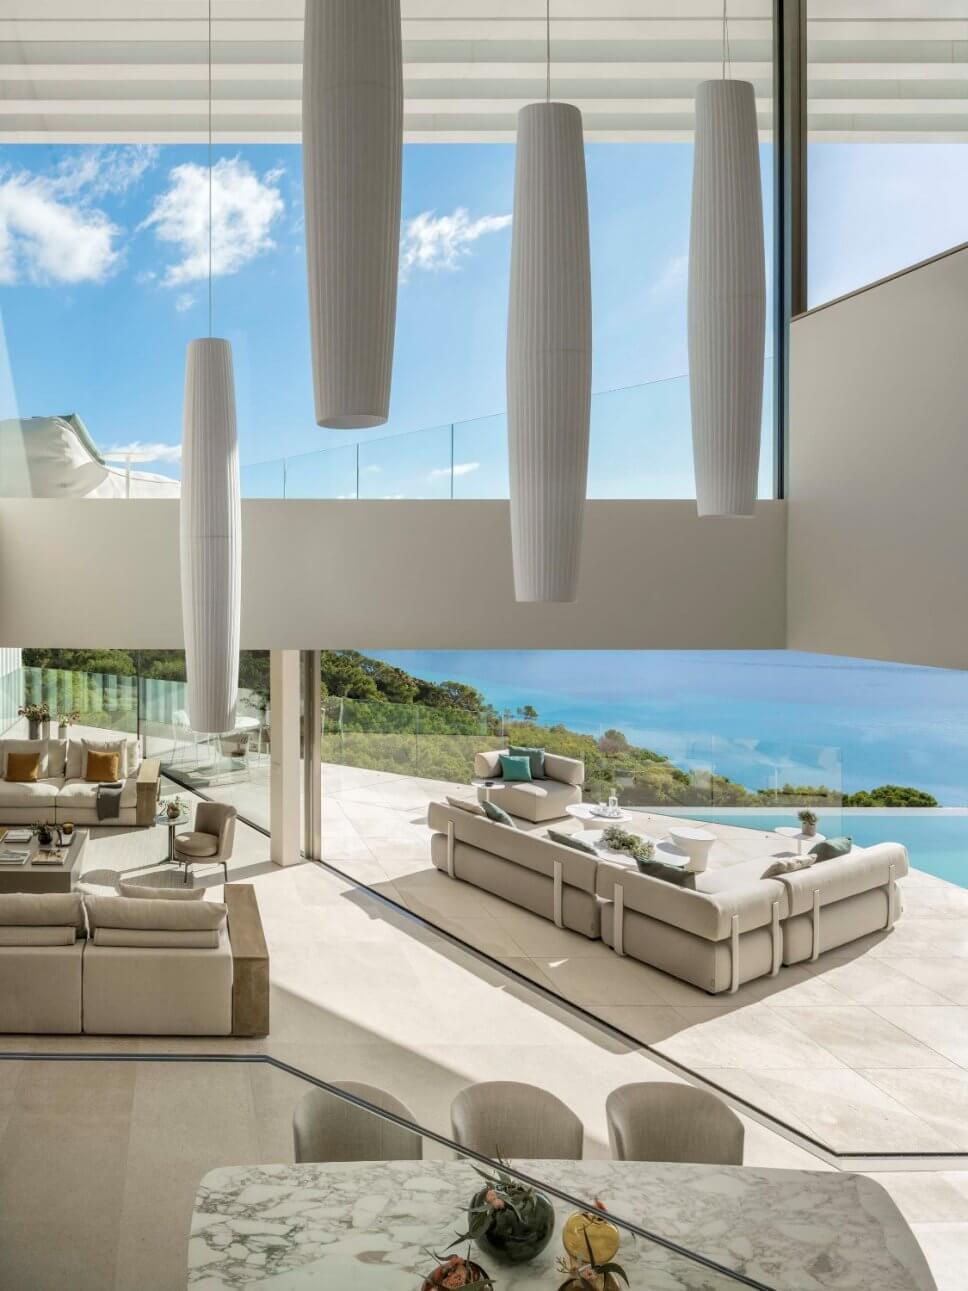 Terrasse mit Sofa in moderner Villa mit Blick aufs Meer